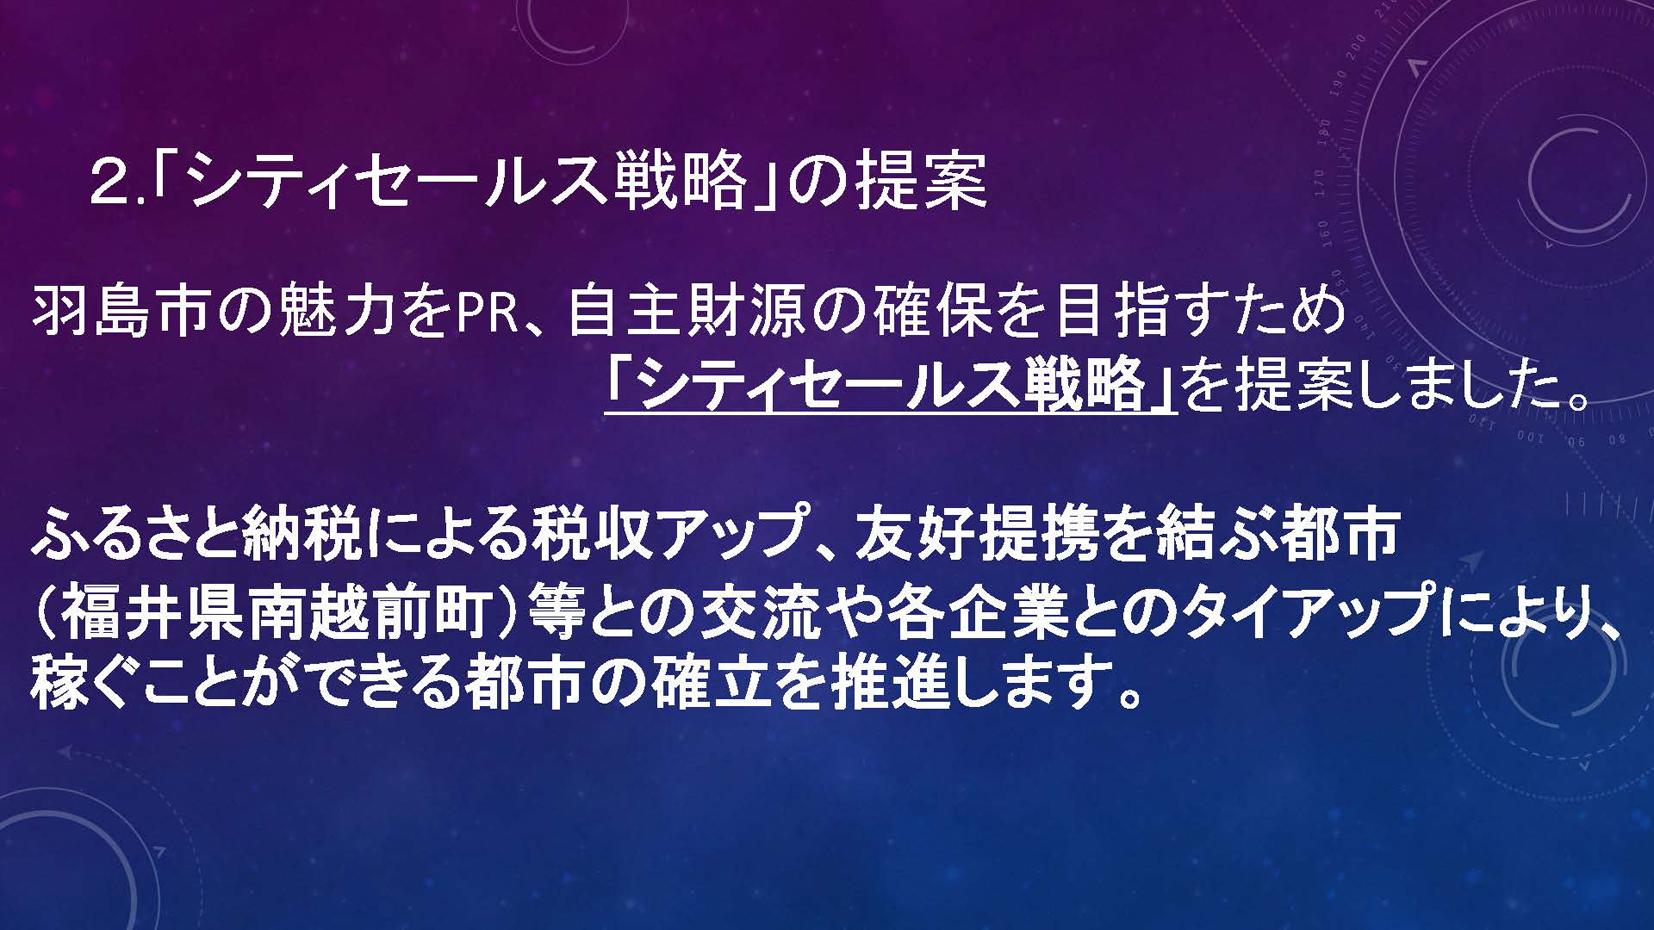 kizuna_spring_2-2